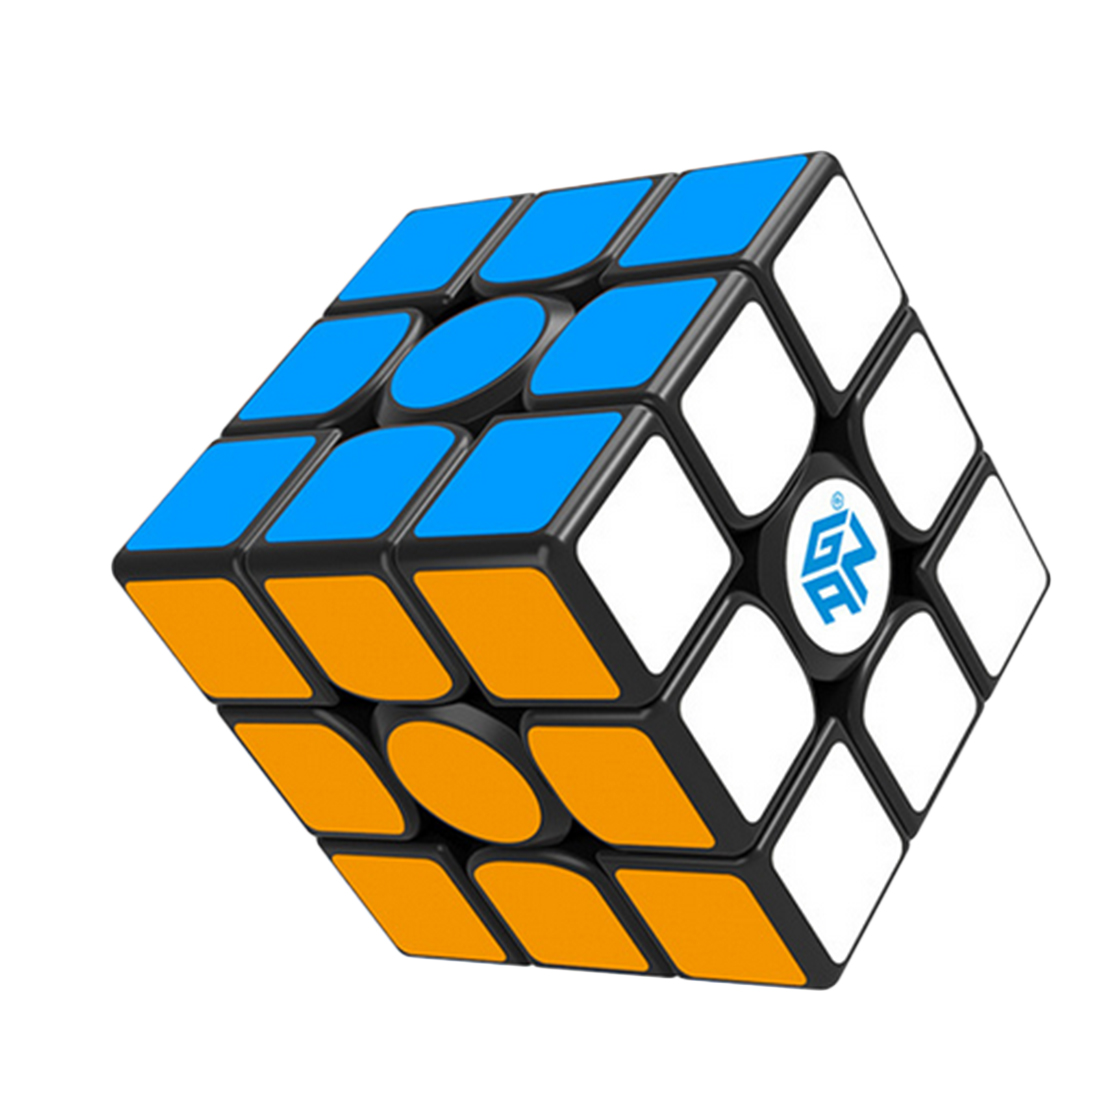 GAN356 Air SM Version magnétique Speedcubing 3x3 Cube magique pour compétition-noir